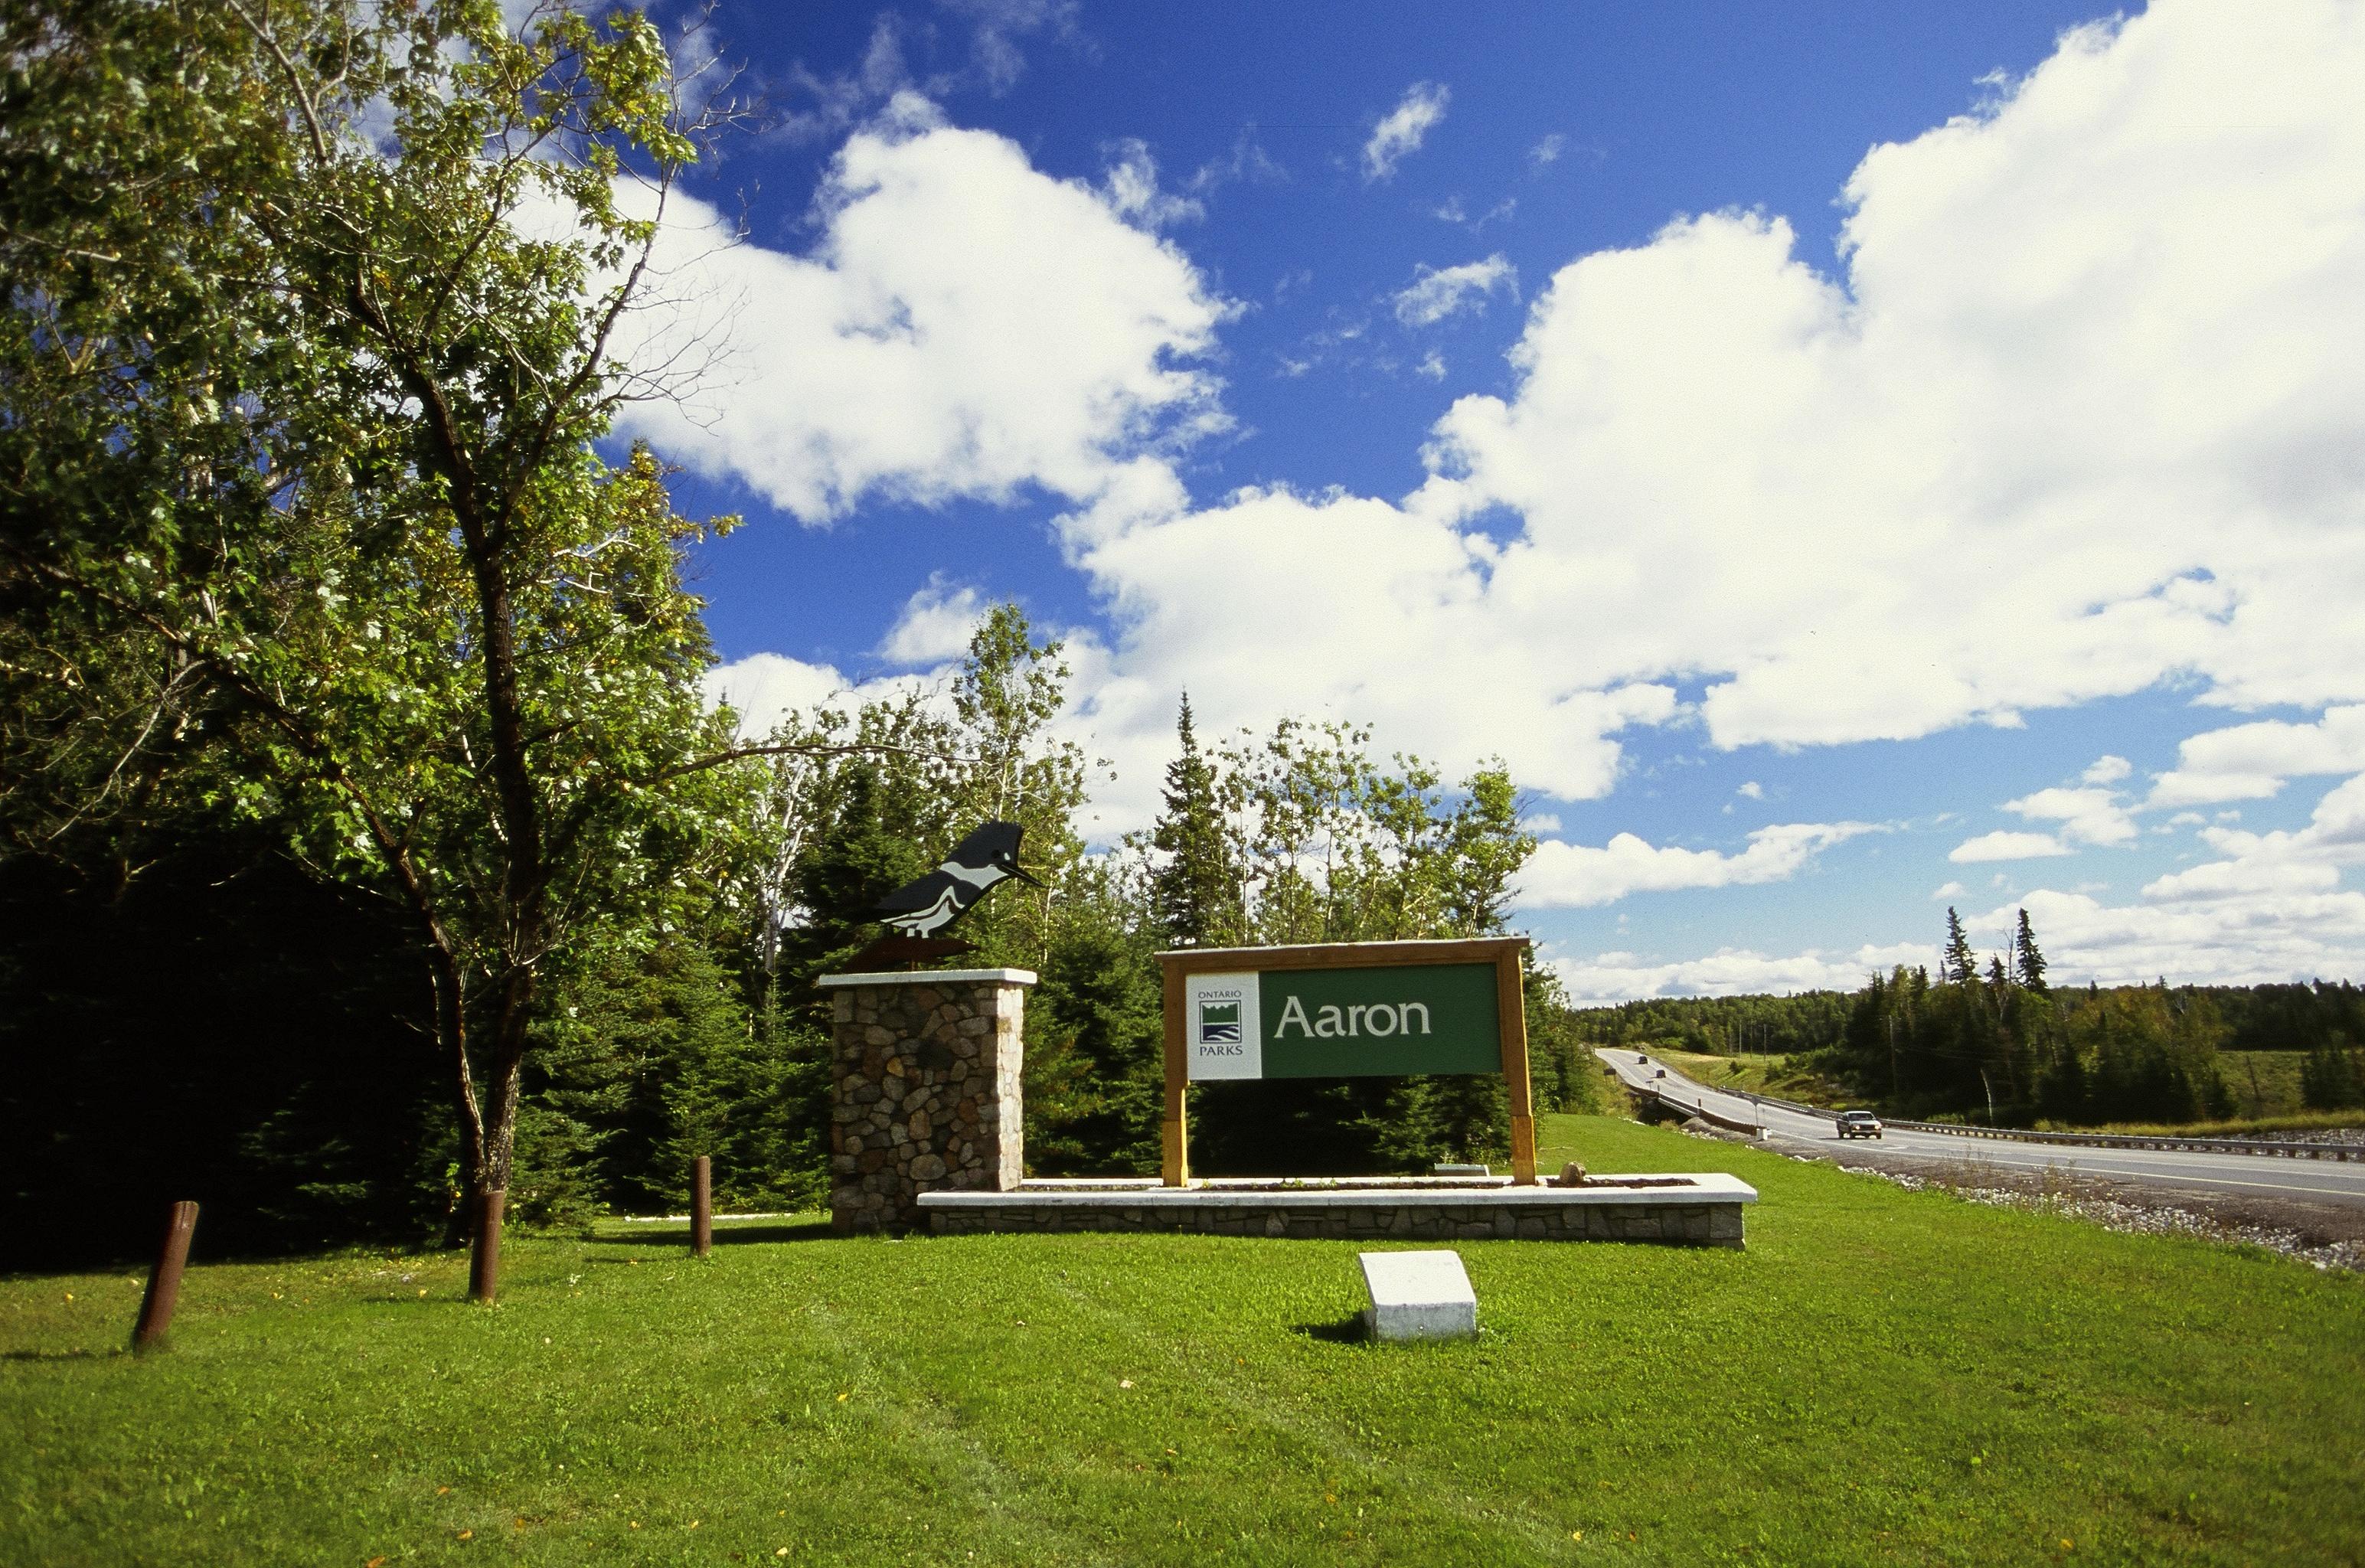 Aaron Park City Of Dryden